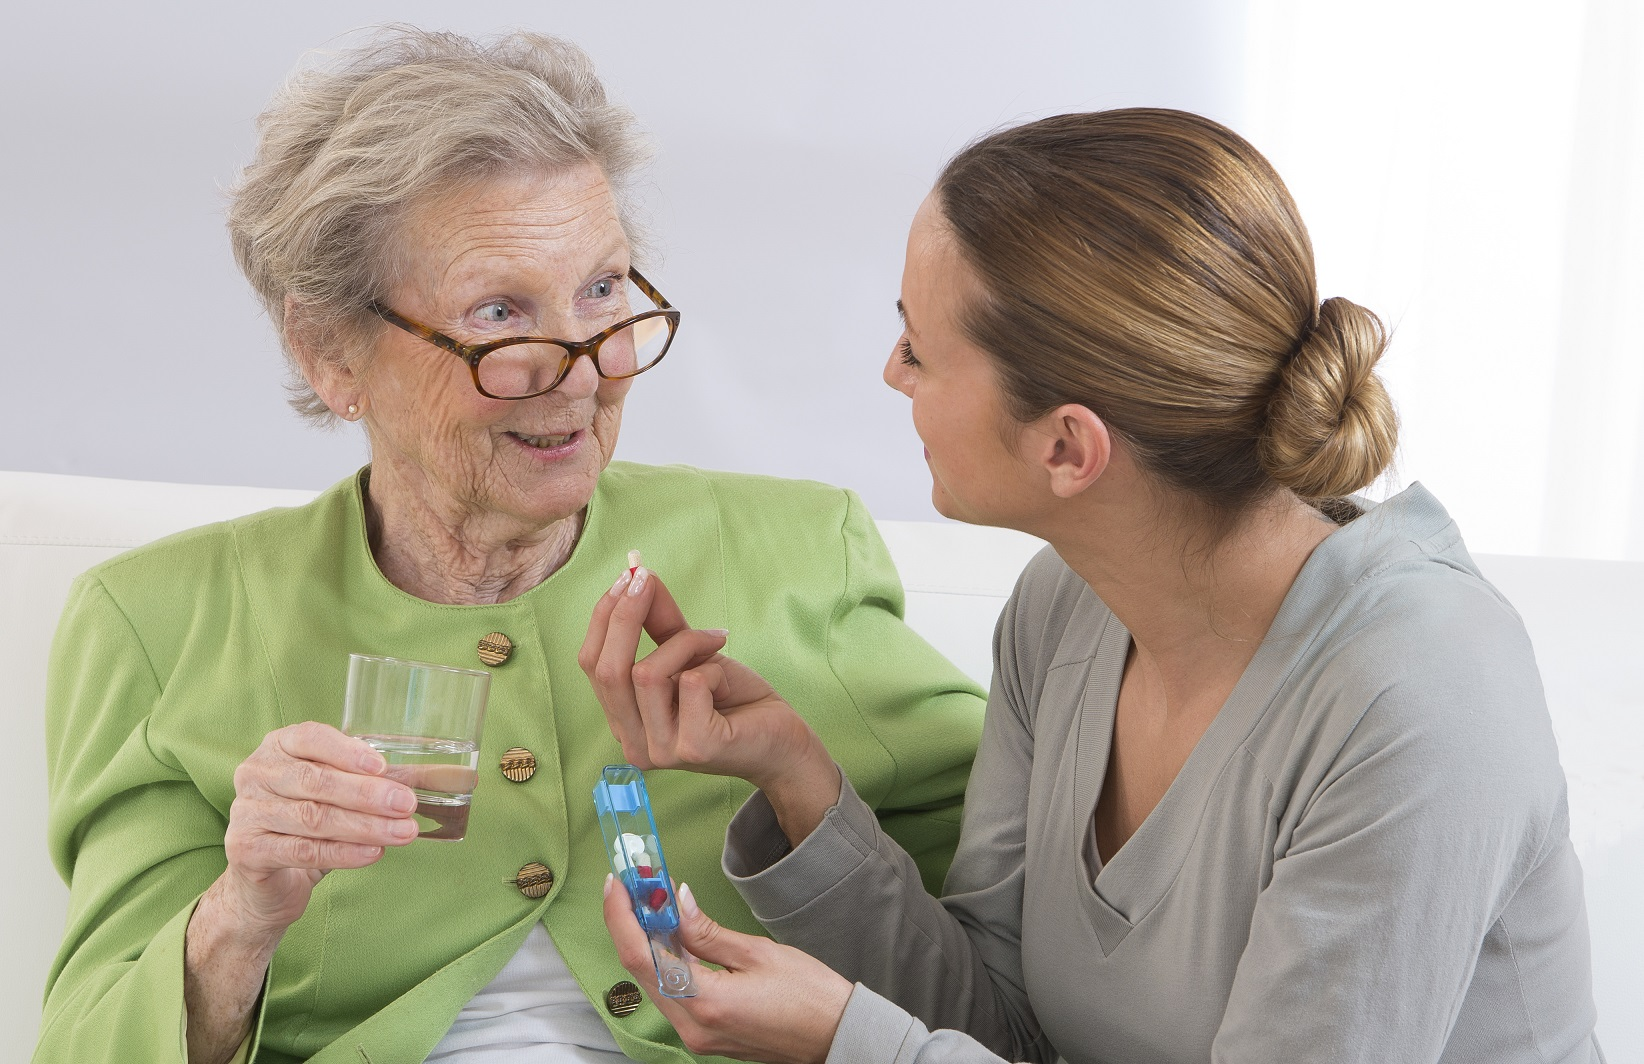 aide à domicile, personnes âgées, handicapées, services à la personne, Nid'Dom Anglet, Bayonne, Biarritz